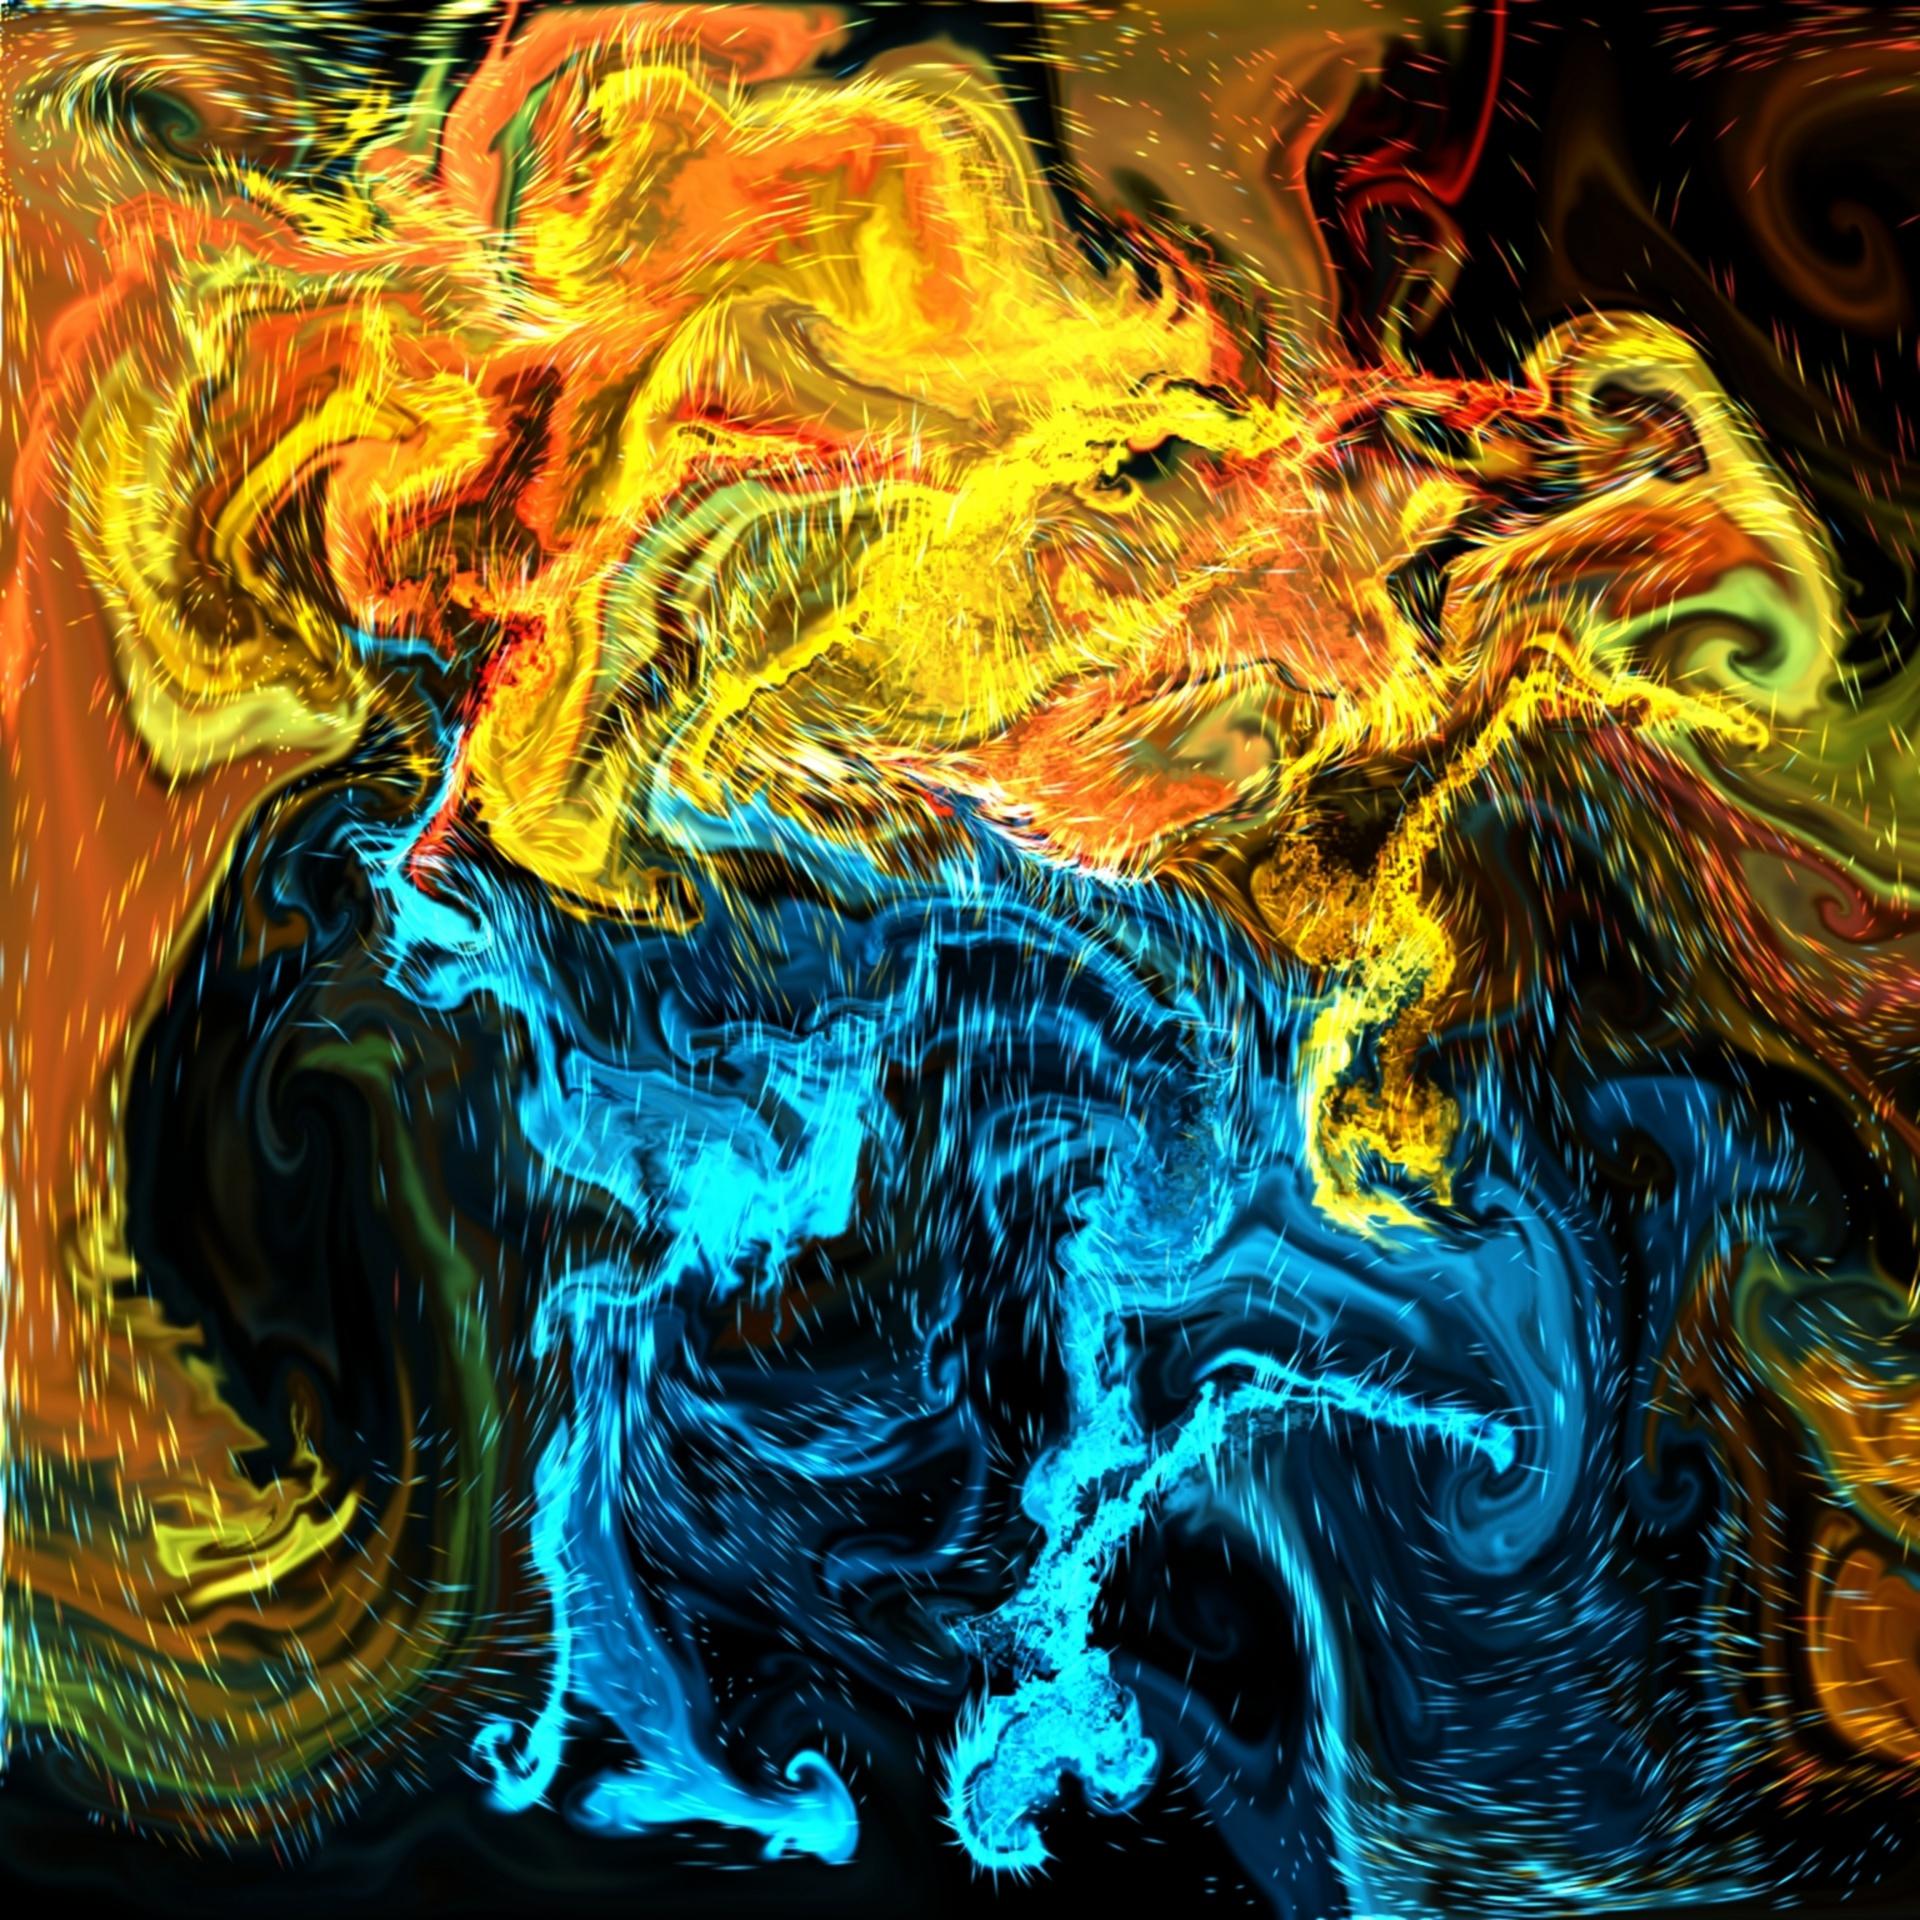 вредителям, картинки плохой огонь и вода интересным был стиль